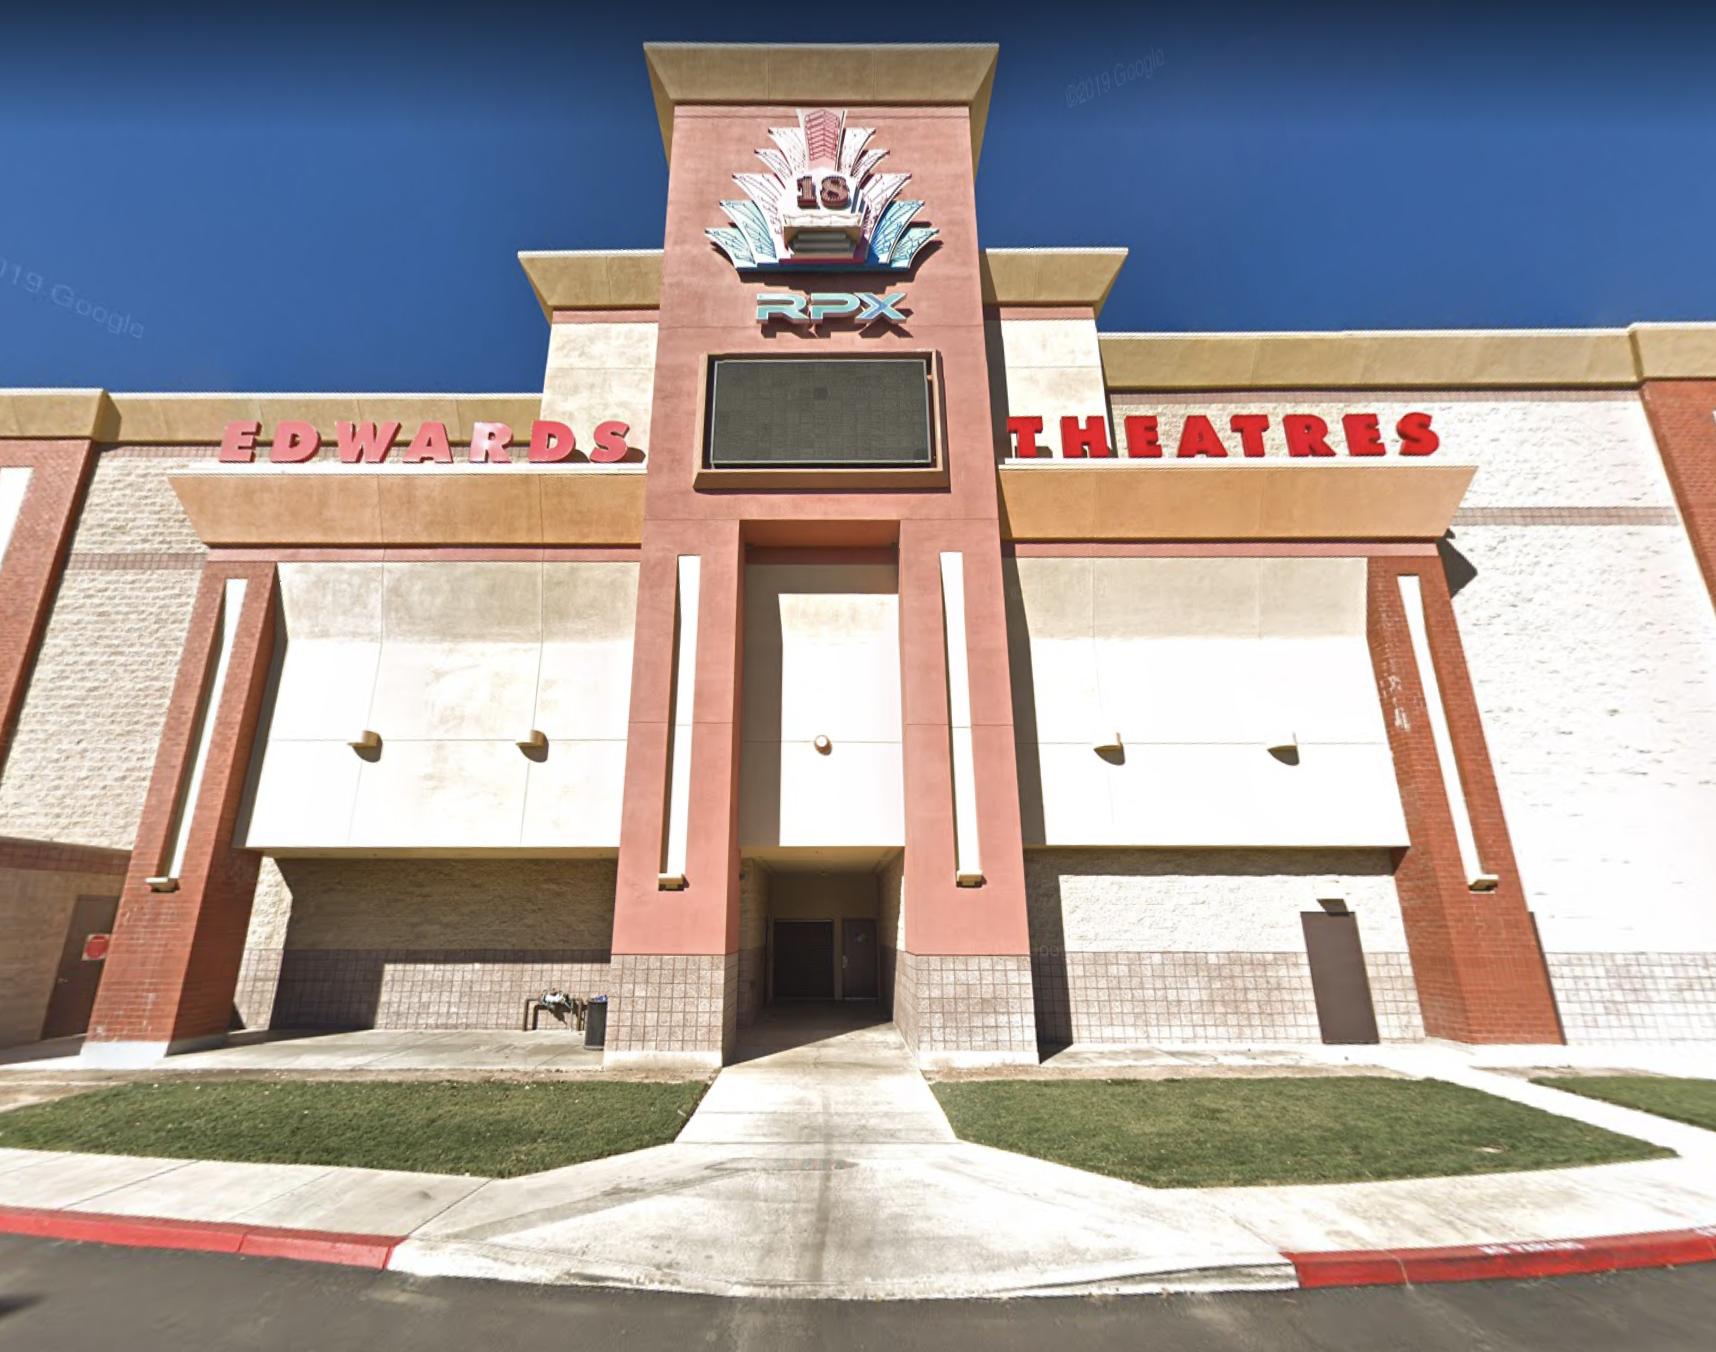 Regal Edwards Corona Crossings theater